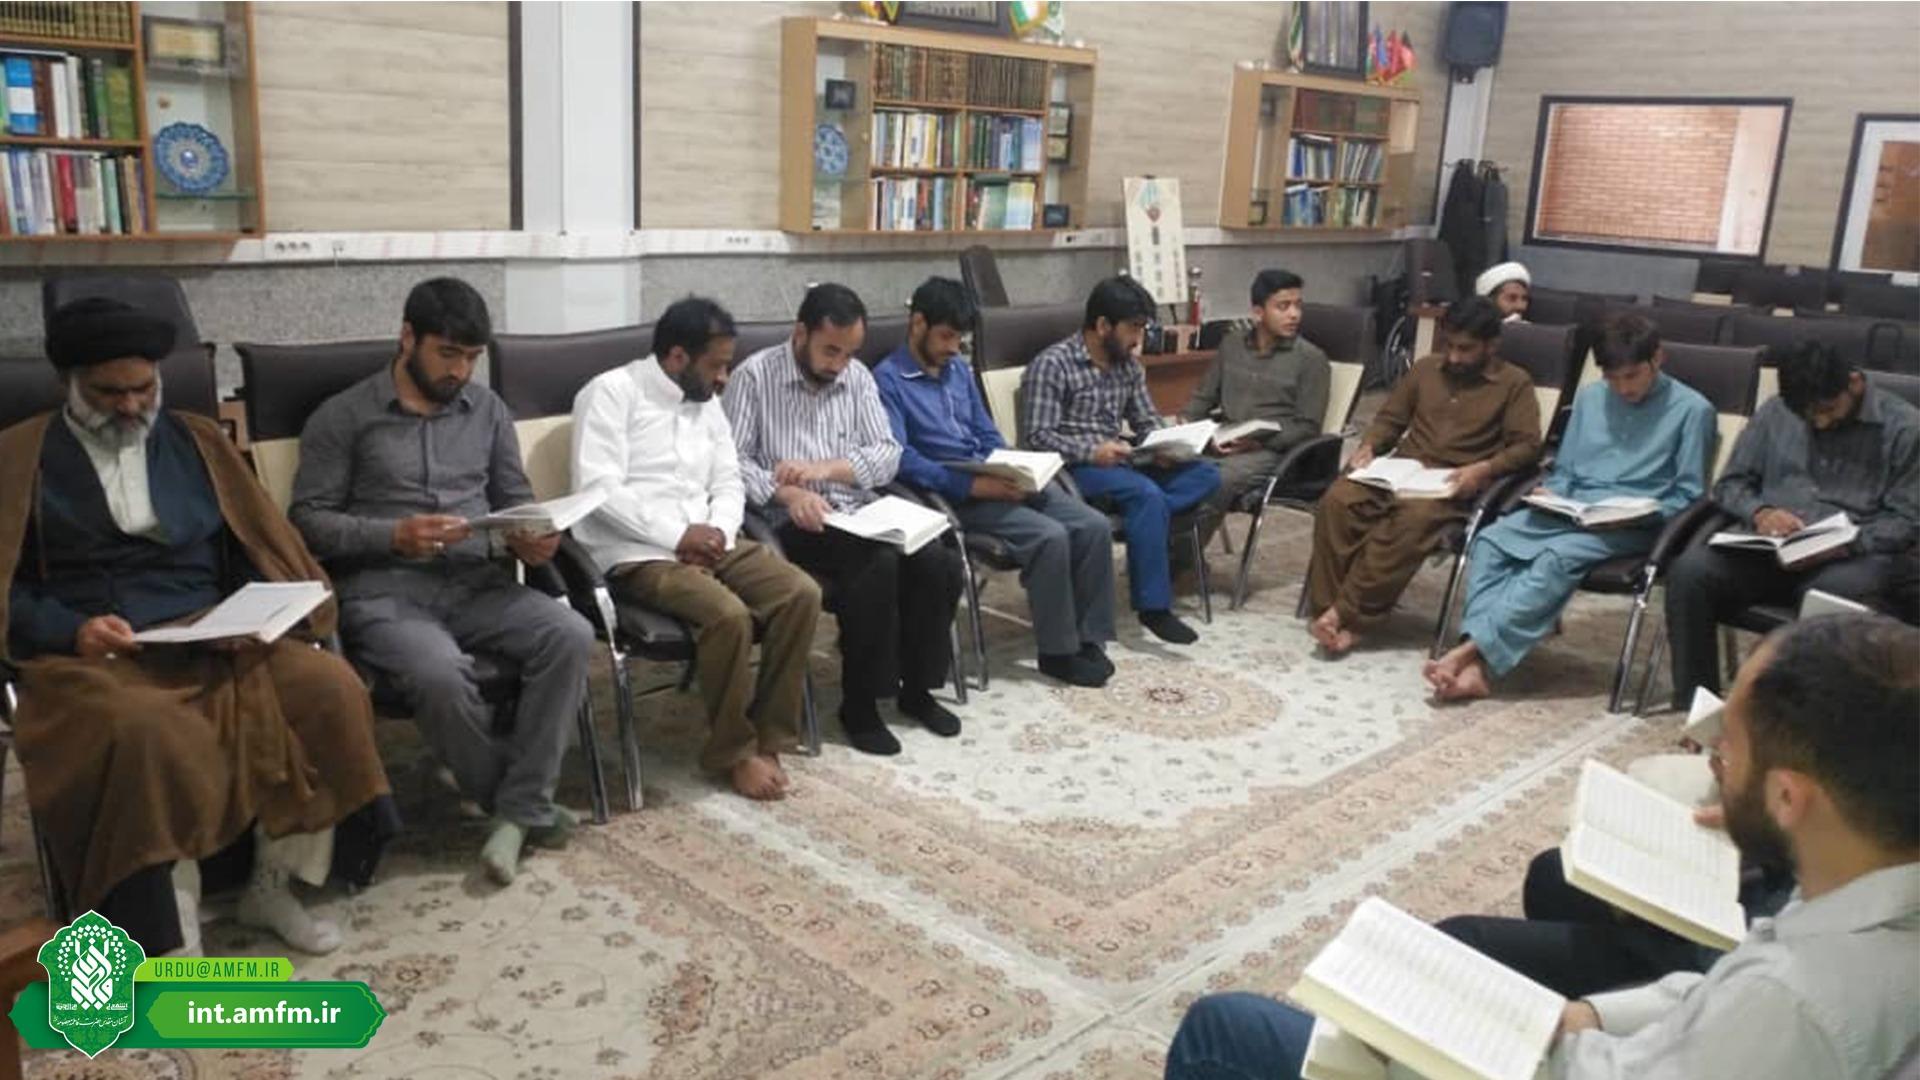 حرم مطہر میں رمضان المبارک کے بابرکت مہینے کی مناسبت سے درس اخلاق ،تجوید  اور تفسیر کی کلاسز کا سلسلہ  جاری ہے